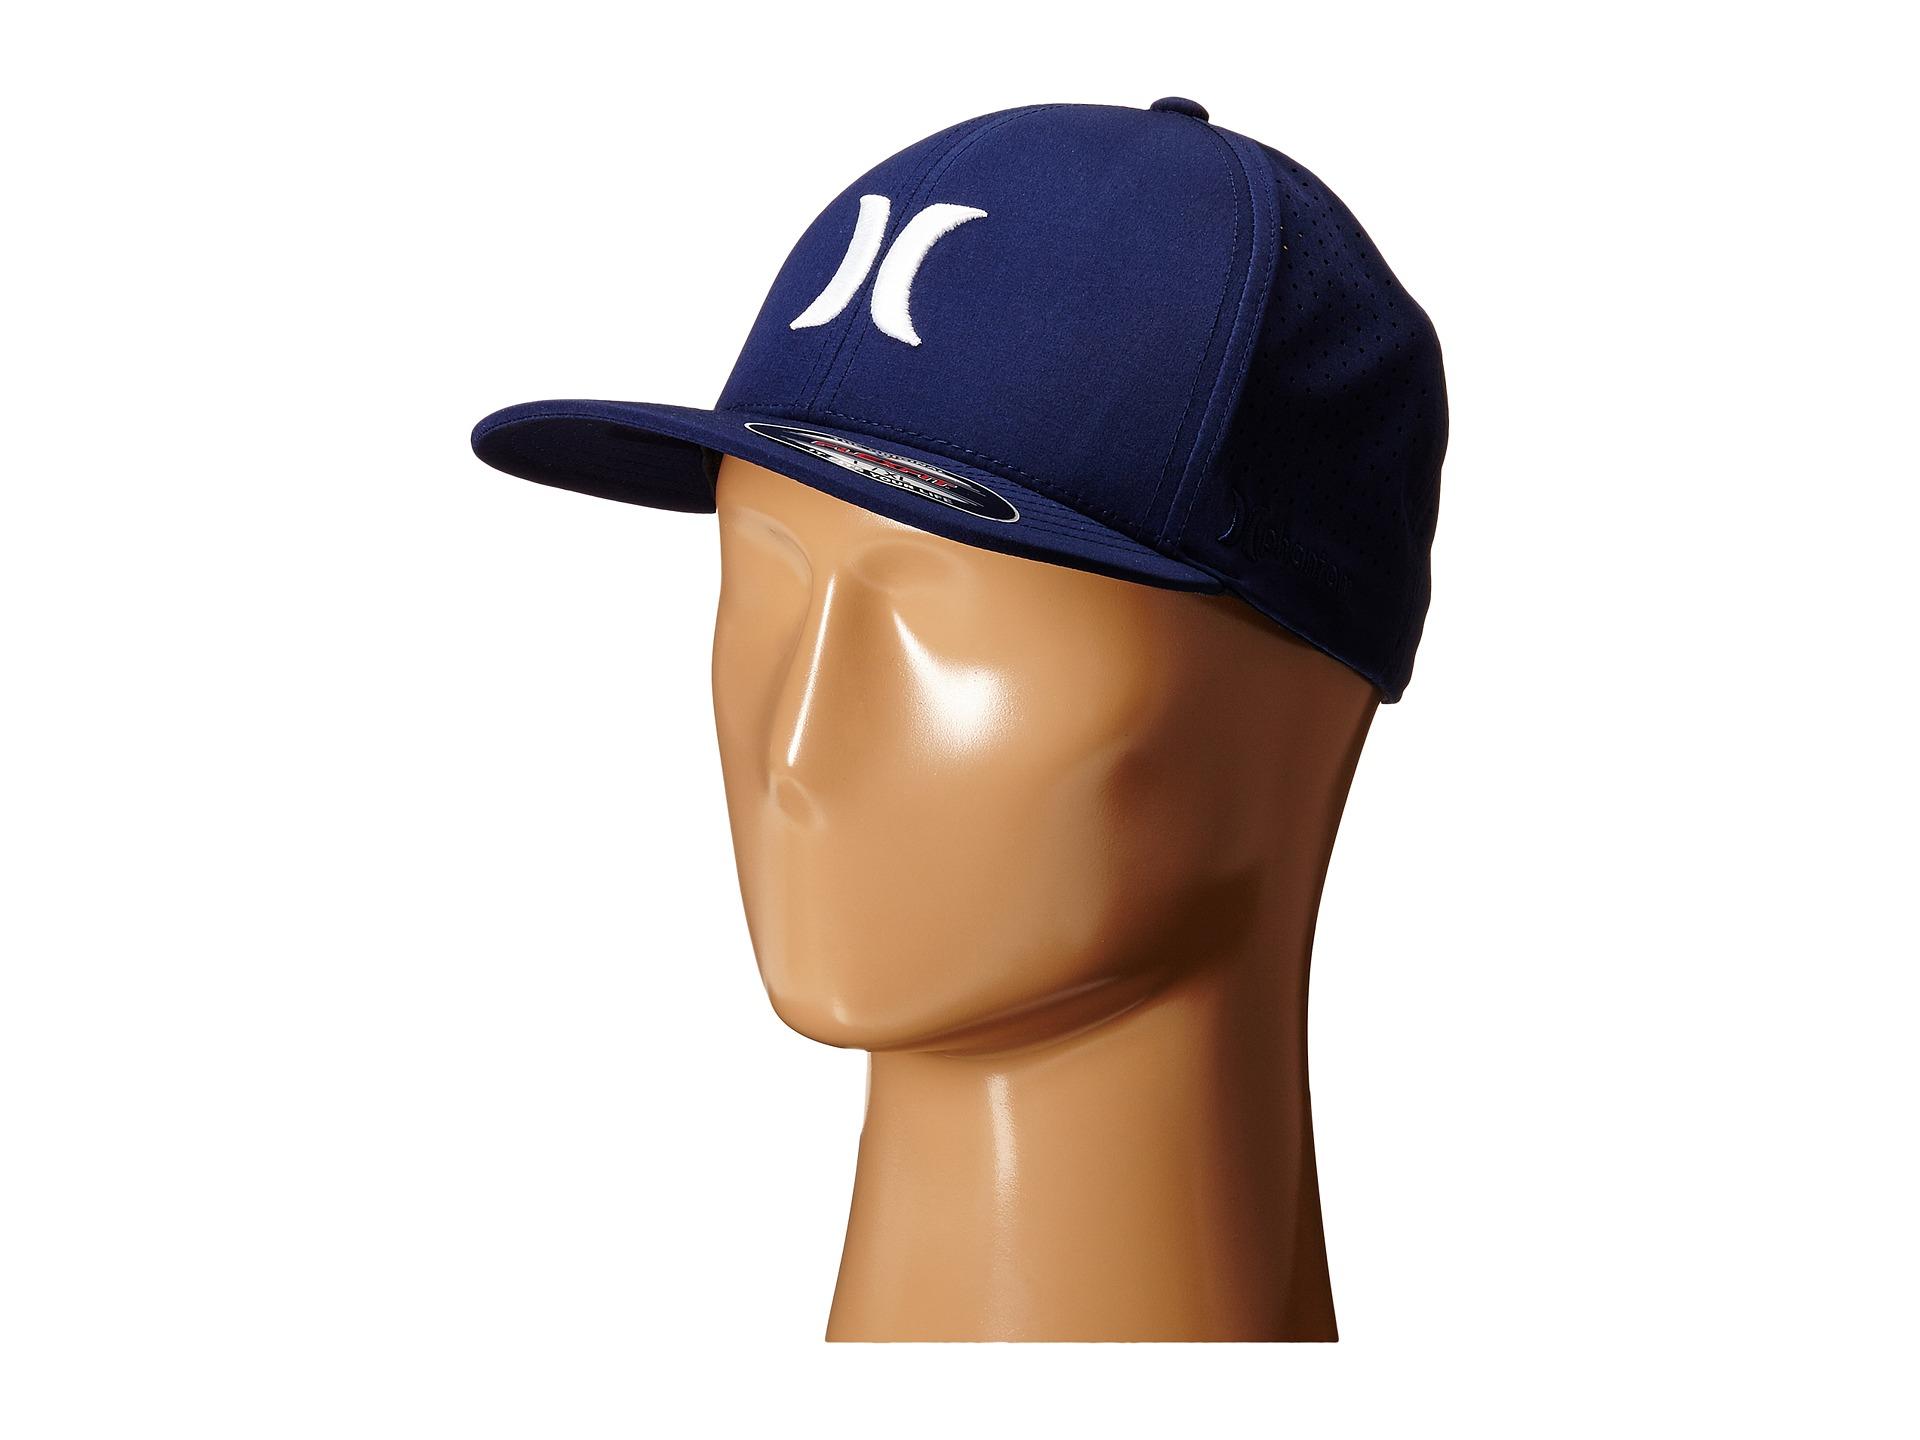 ... cheapest lyst hurley phantom vapor 2.0 fitted hat in blue for men 94c69  8534b 5cfa573de2af